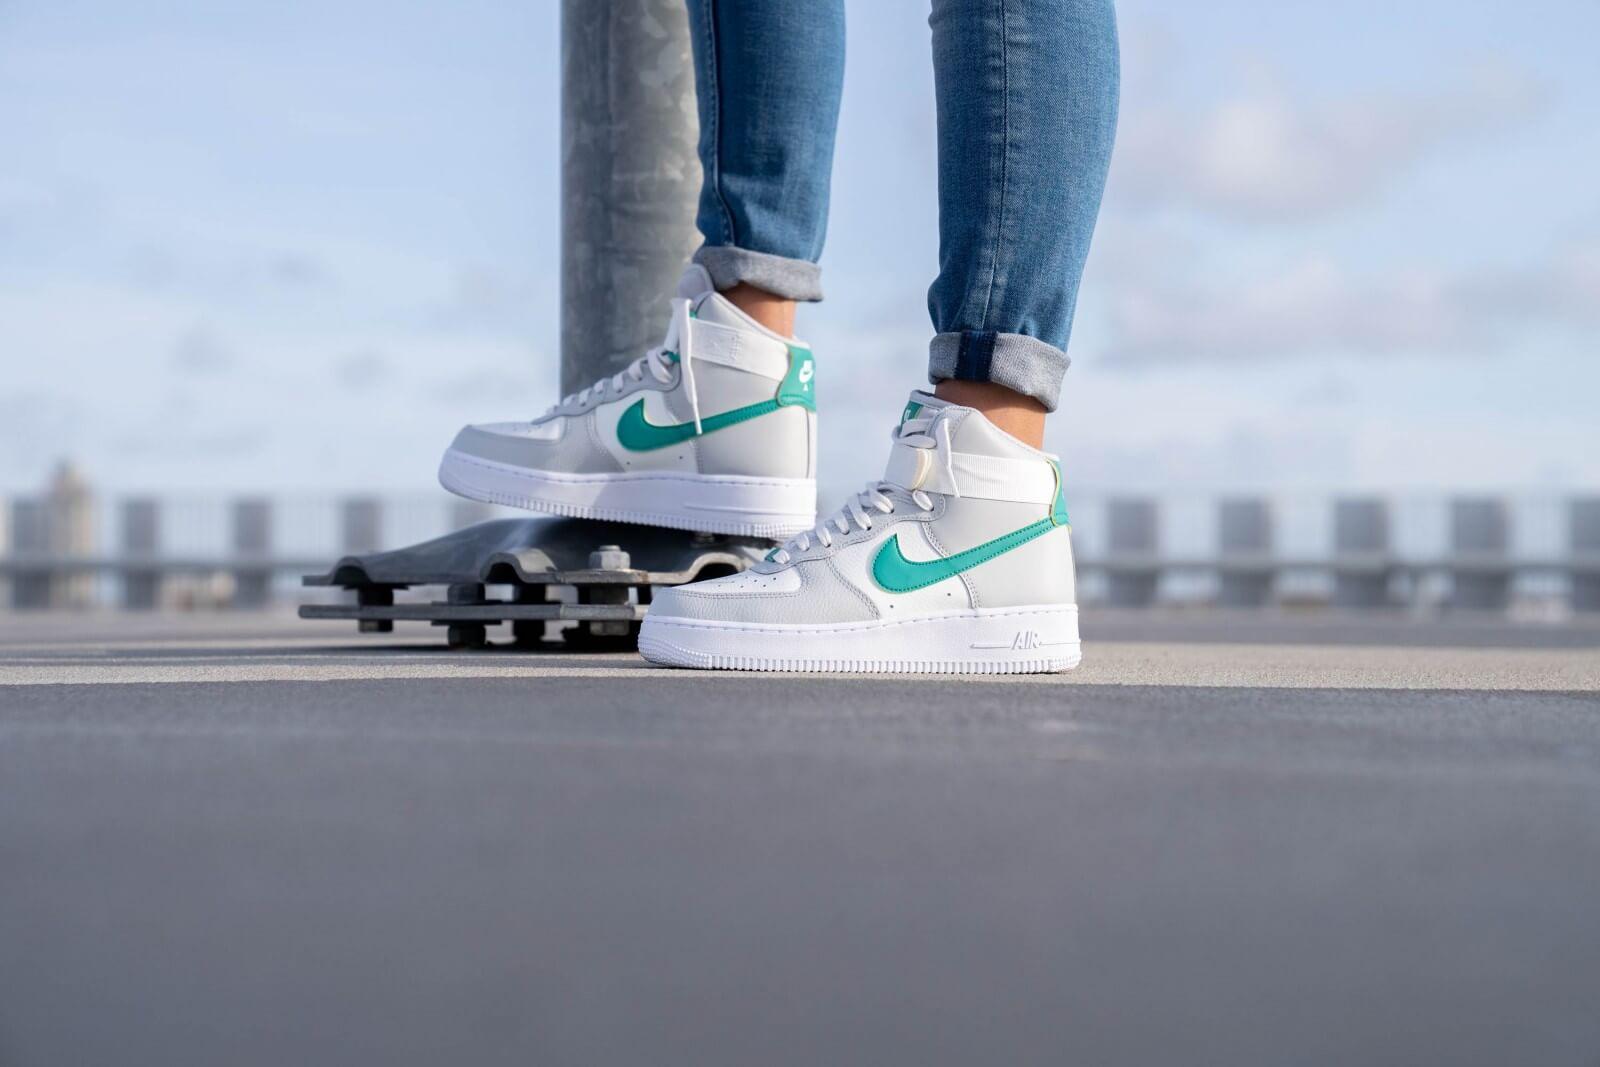 Nike Women's Air Force 1 High Grey Fog/Neptune Green